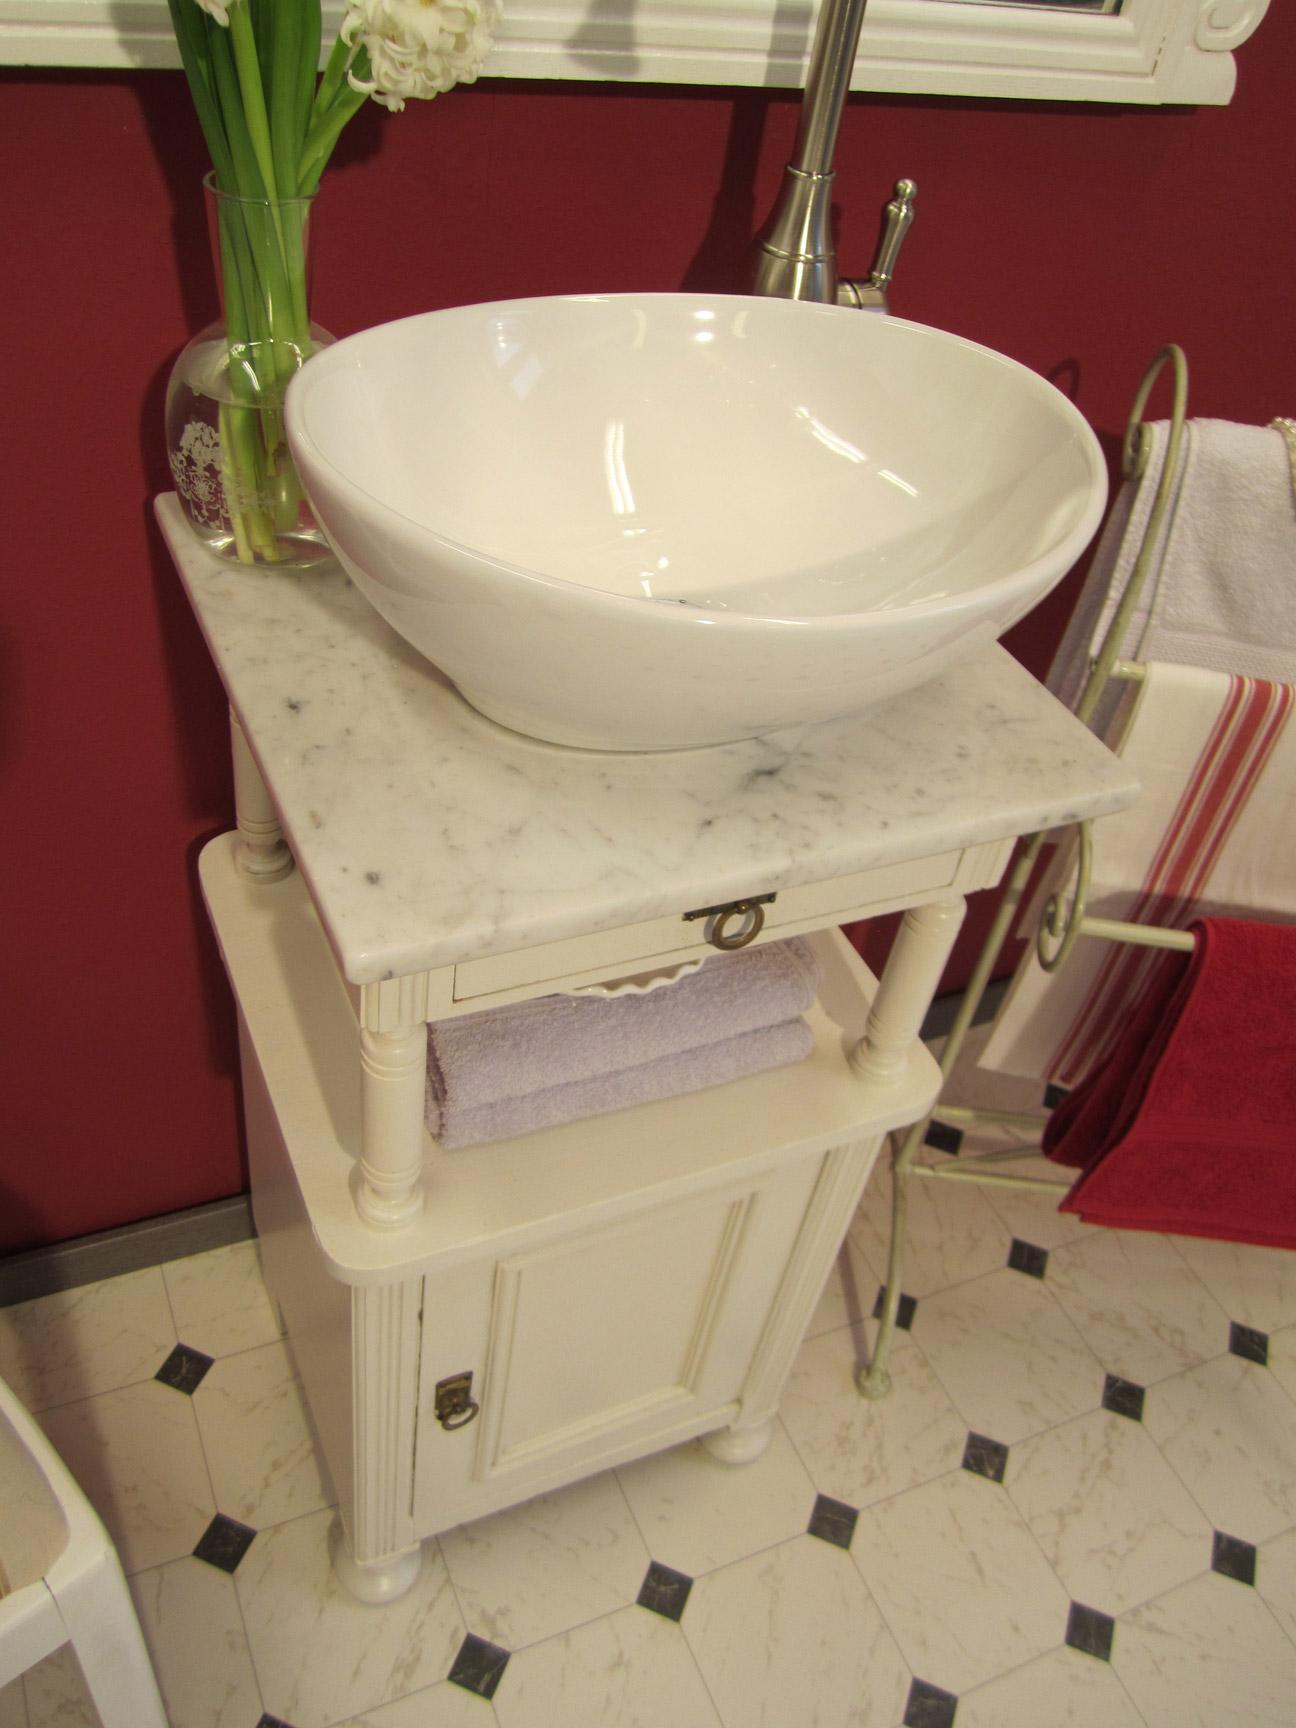 Waschtischunterschrank Landhausstil: Geile badezimmer ~ surfinser ... | {Waschtischunterschrank antik 70}